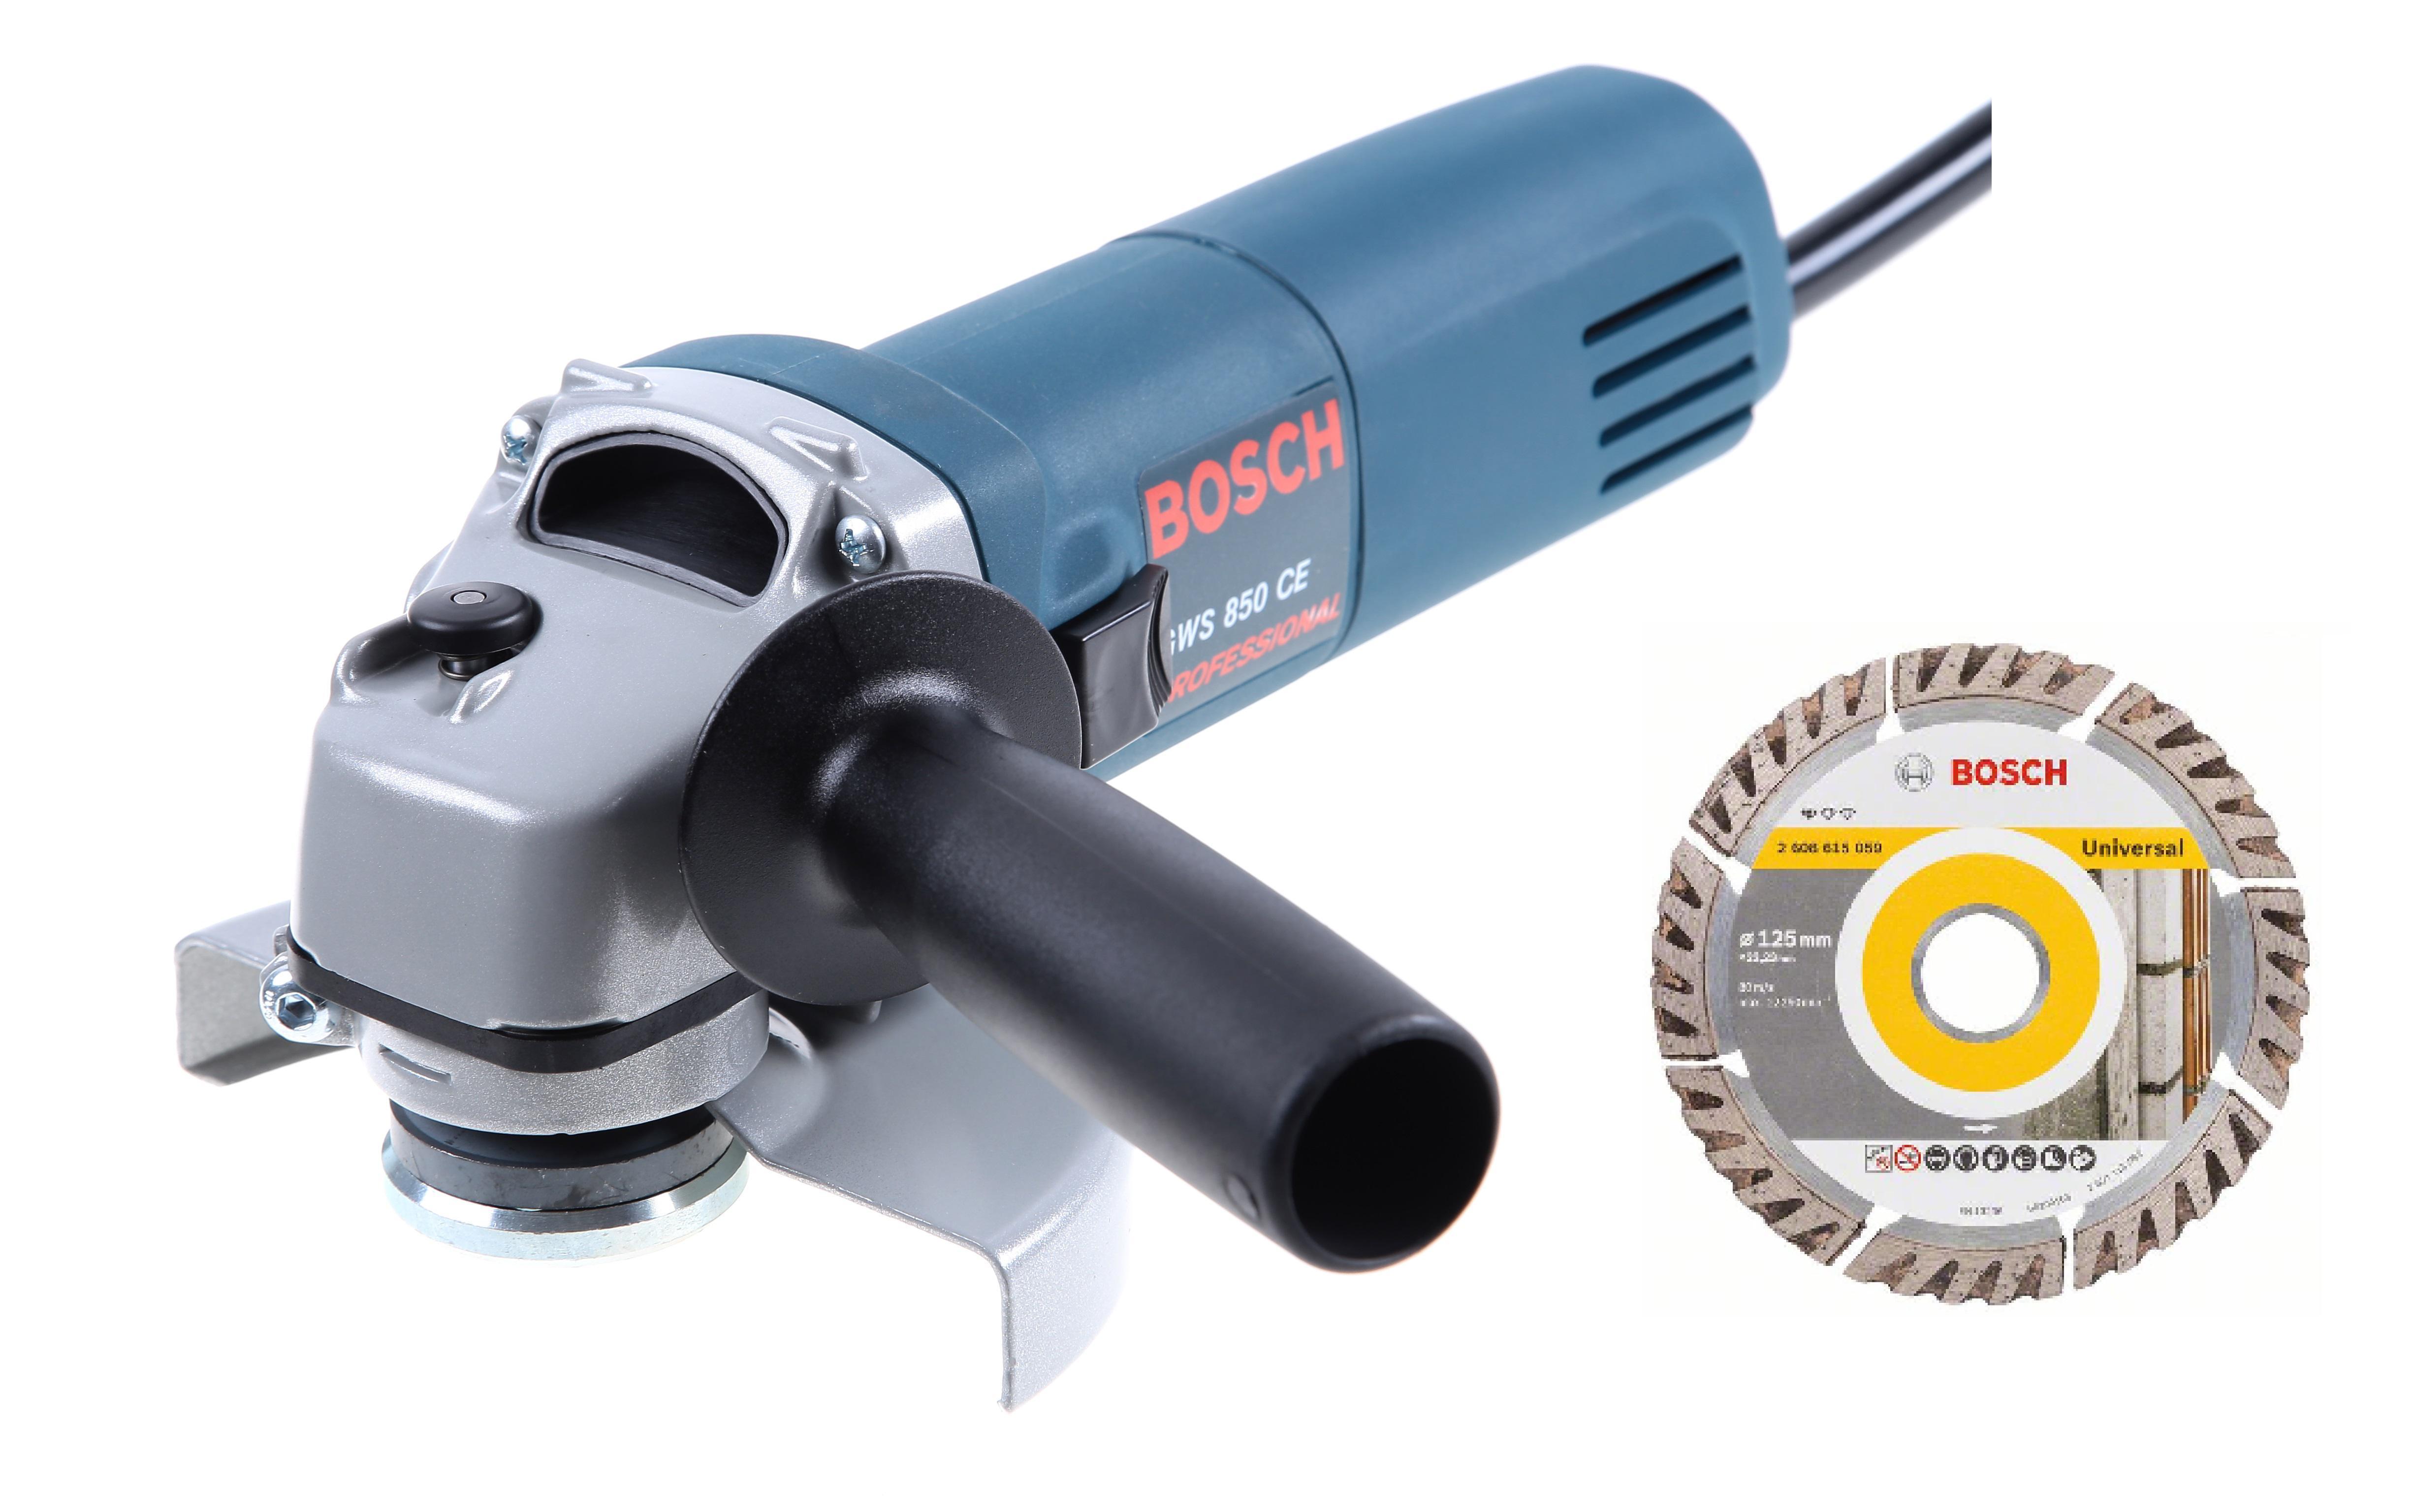 Набор Bosch УШМ (болгарка) gws 850 ce (0.601.378.792) +Круг алмазный 2608615059  болгарка bosch gws 850 ce